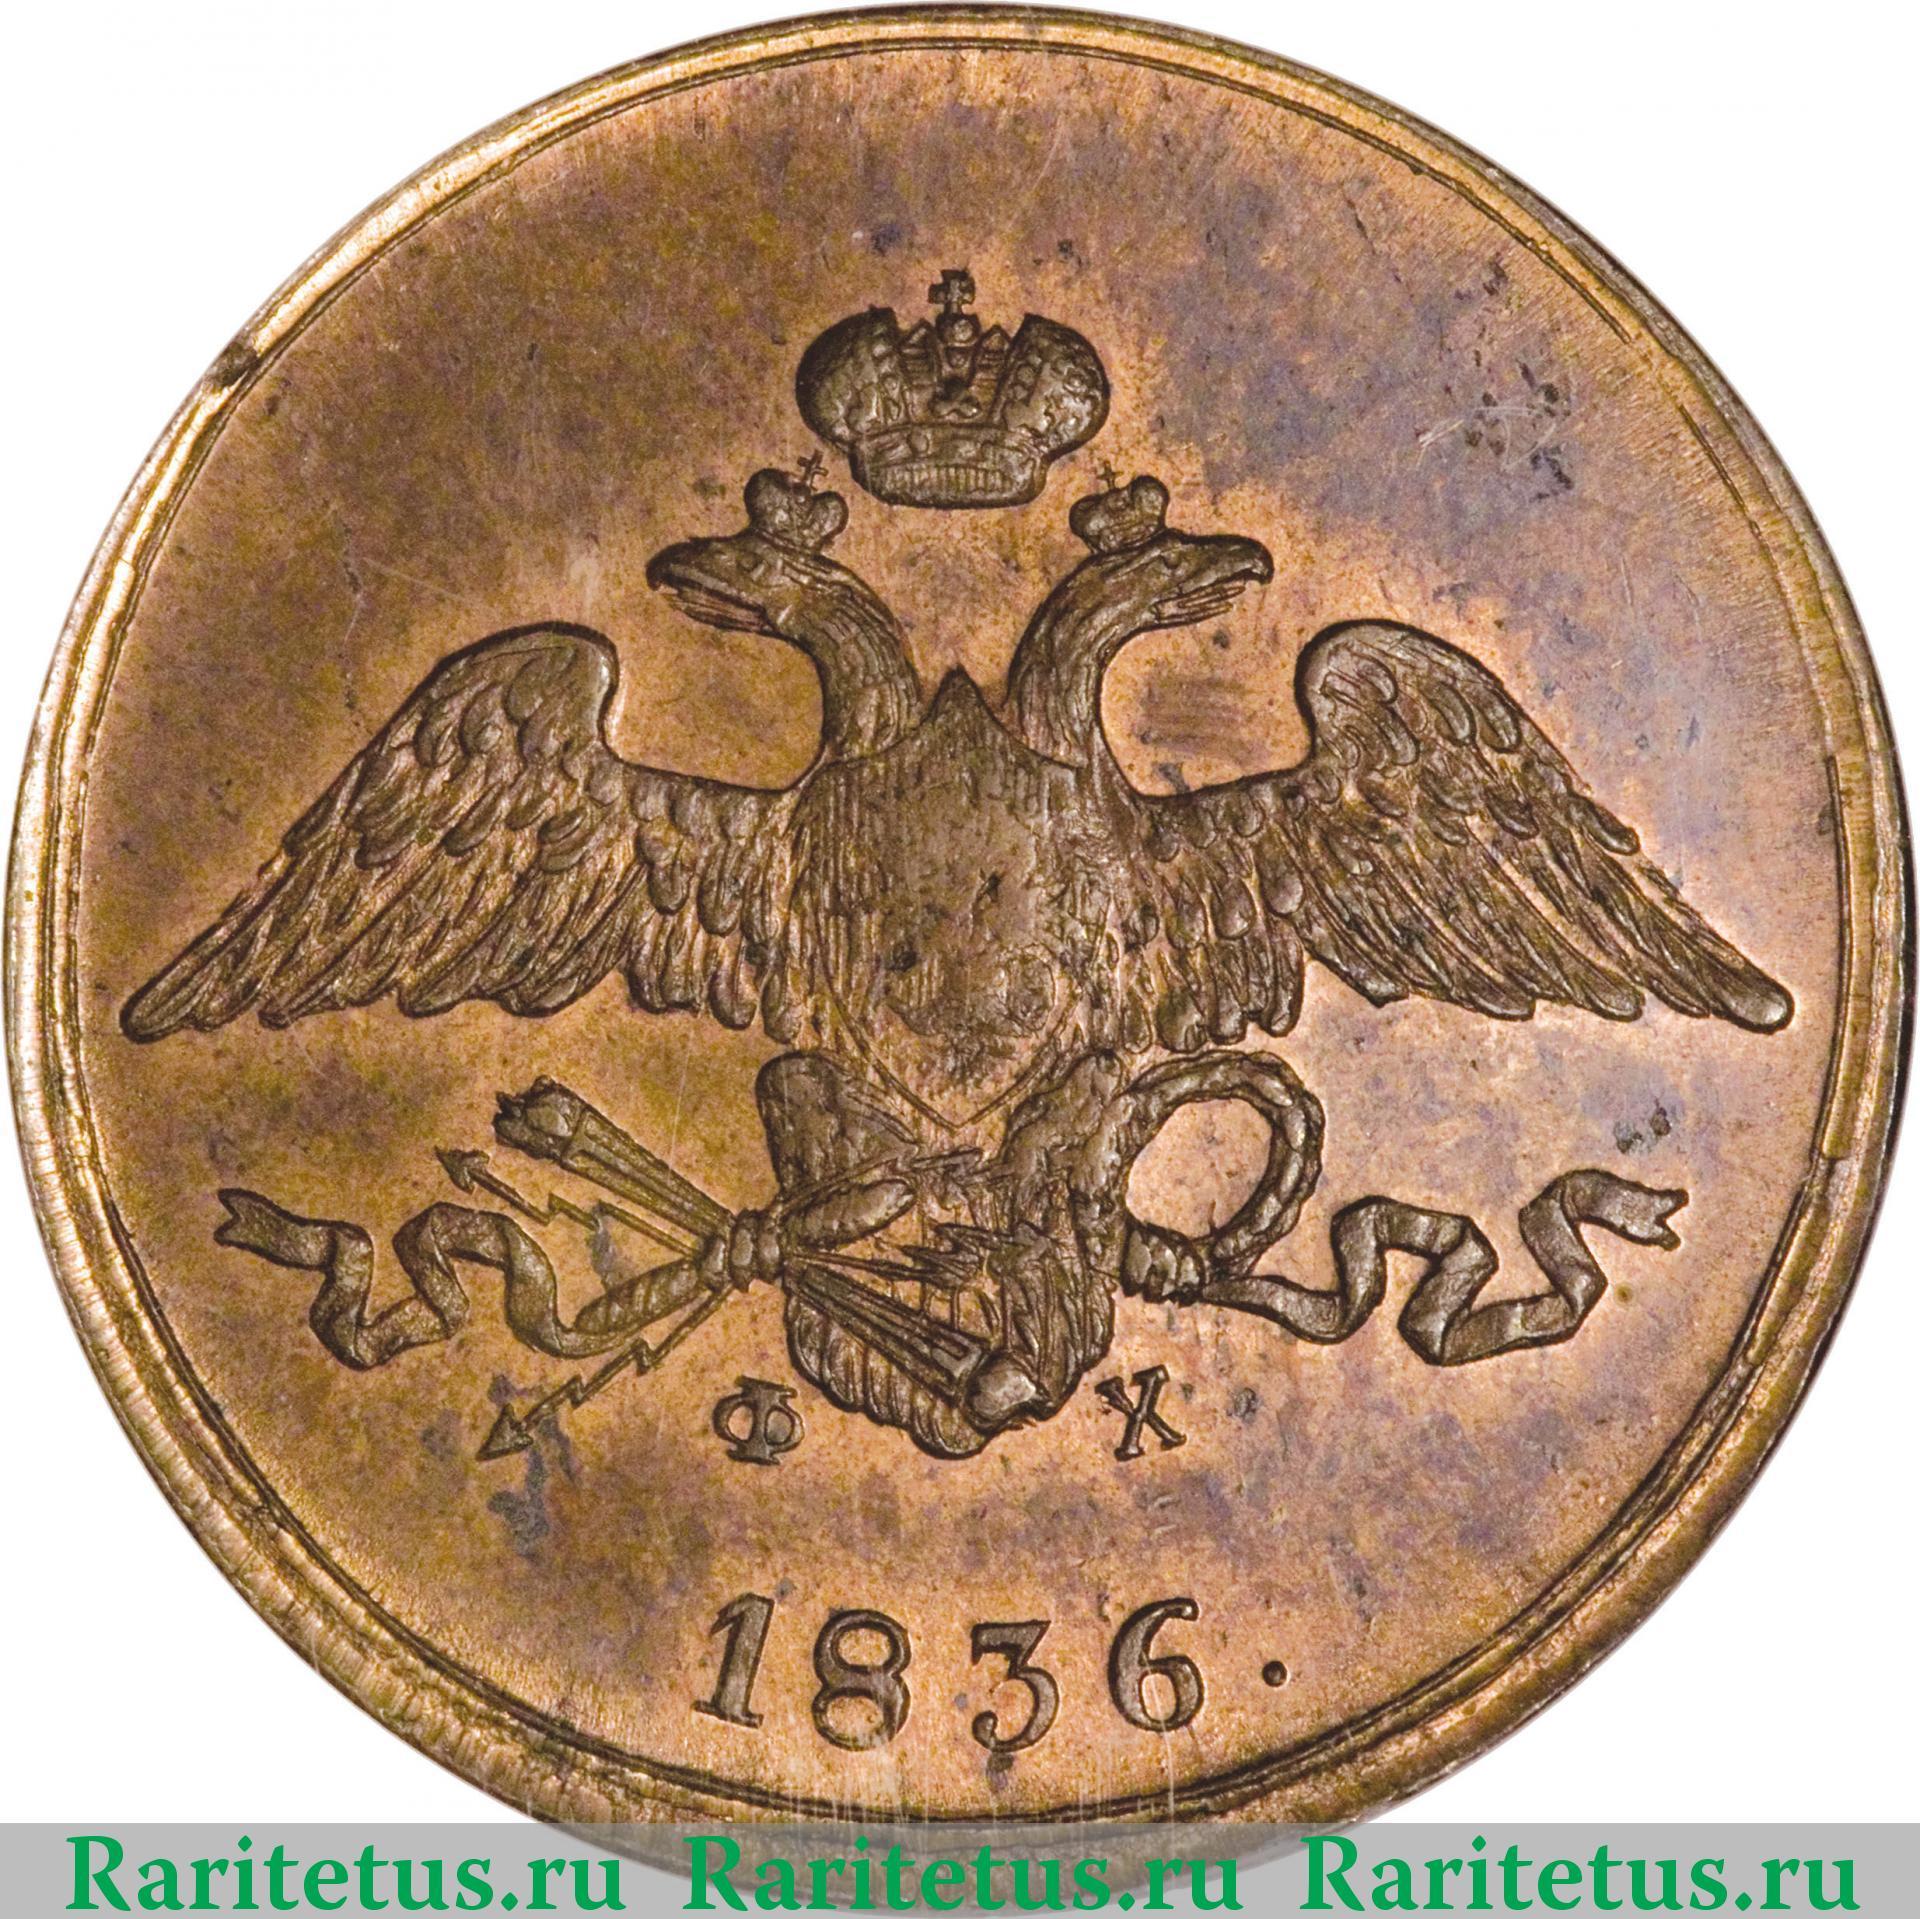 Сколько стоит монета 1836 10 кролу 1923